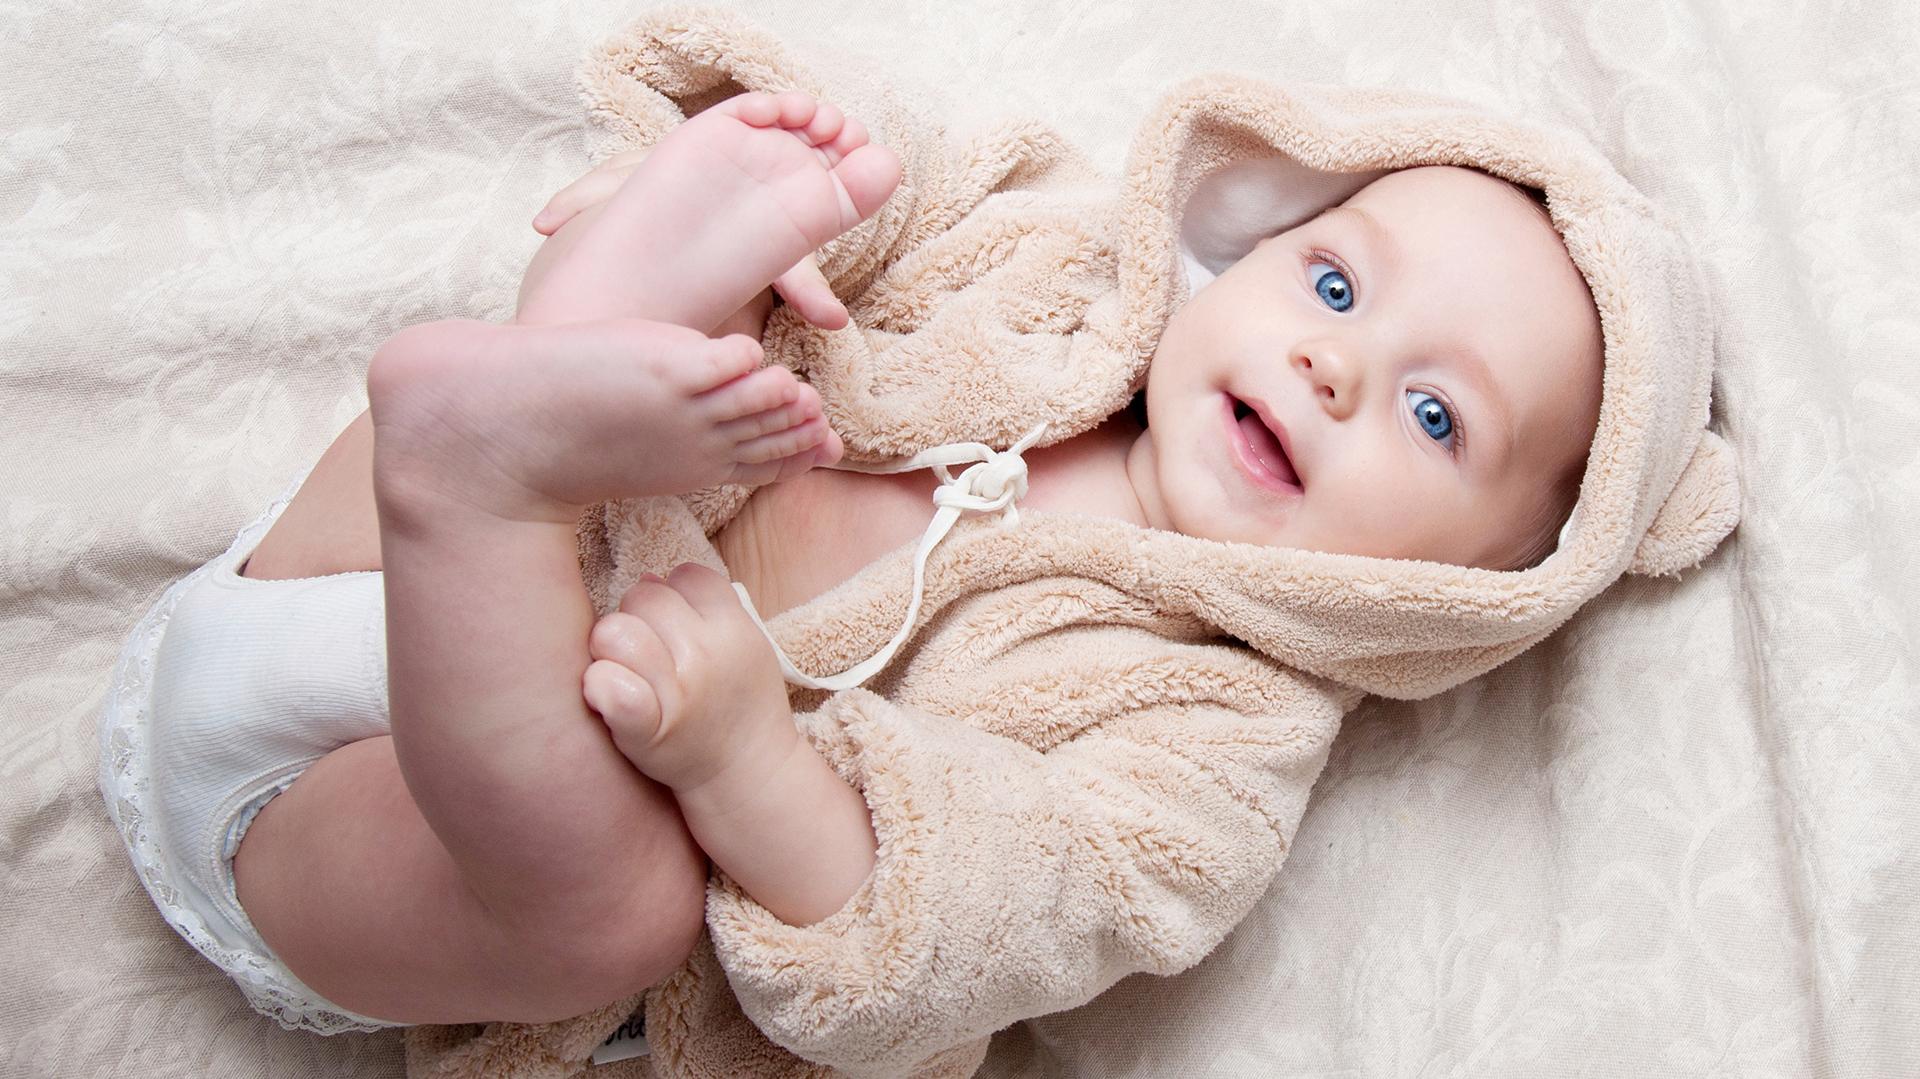 Hình ảnh những em bé sơ sinh đẹp nhất